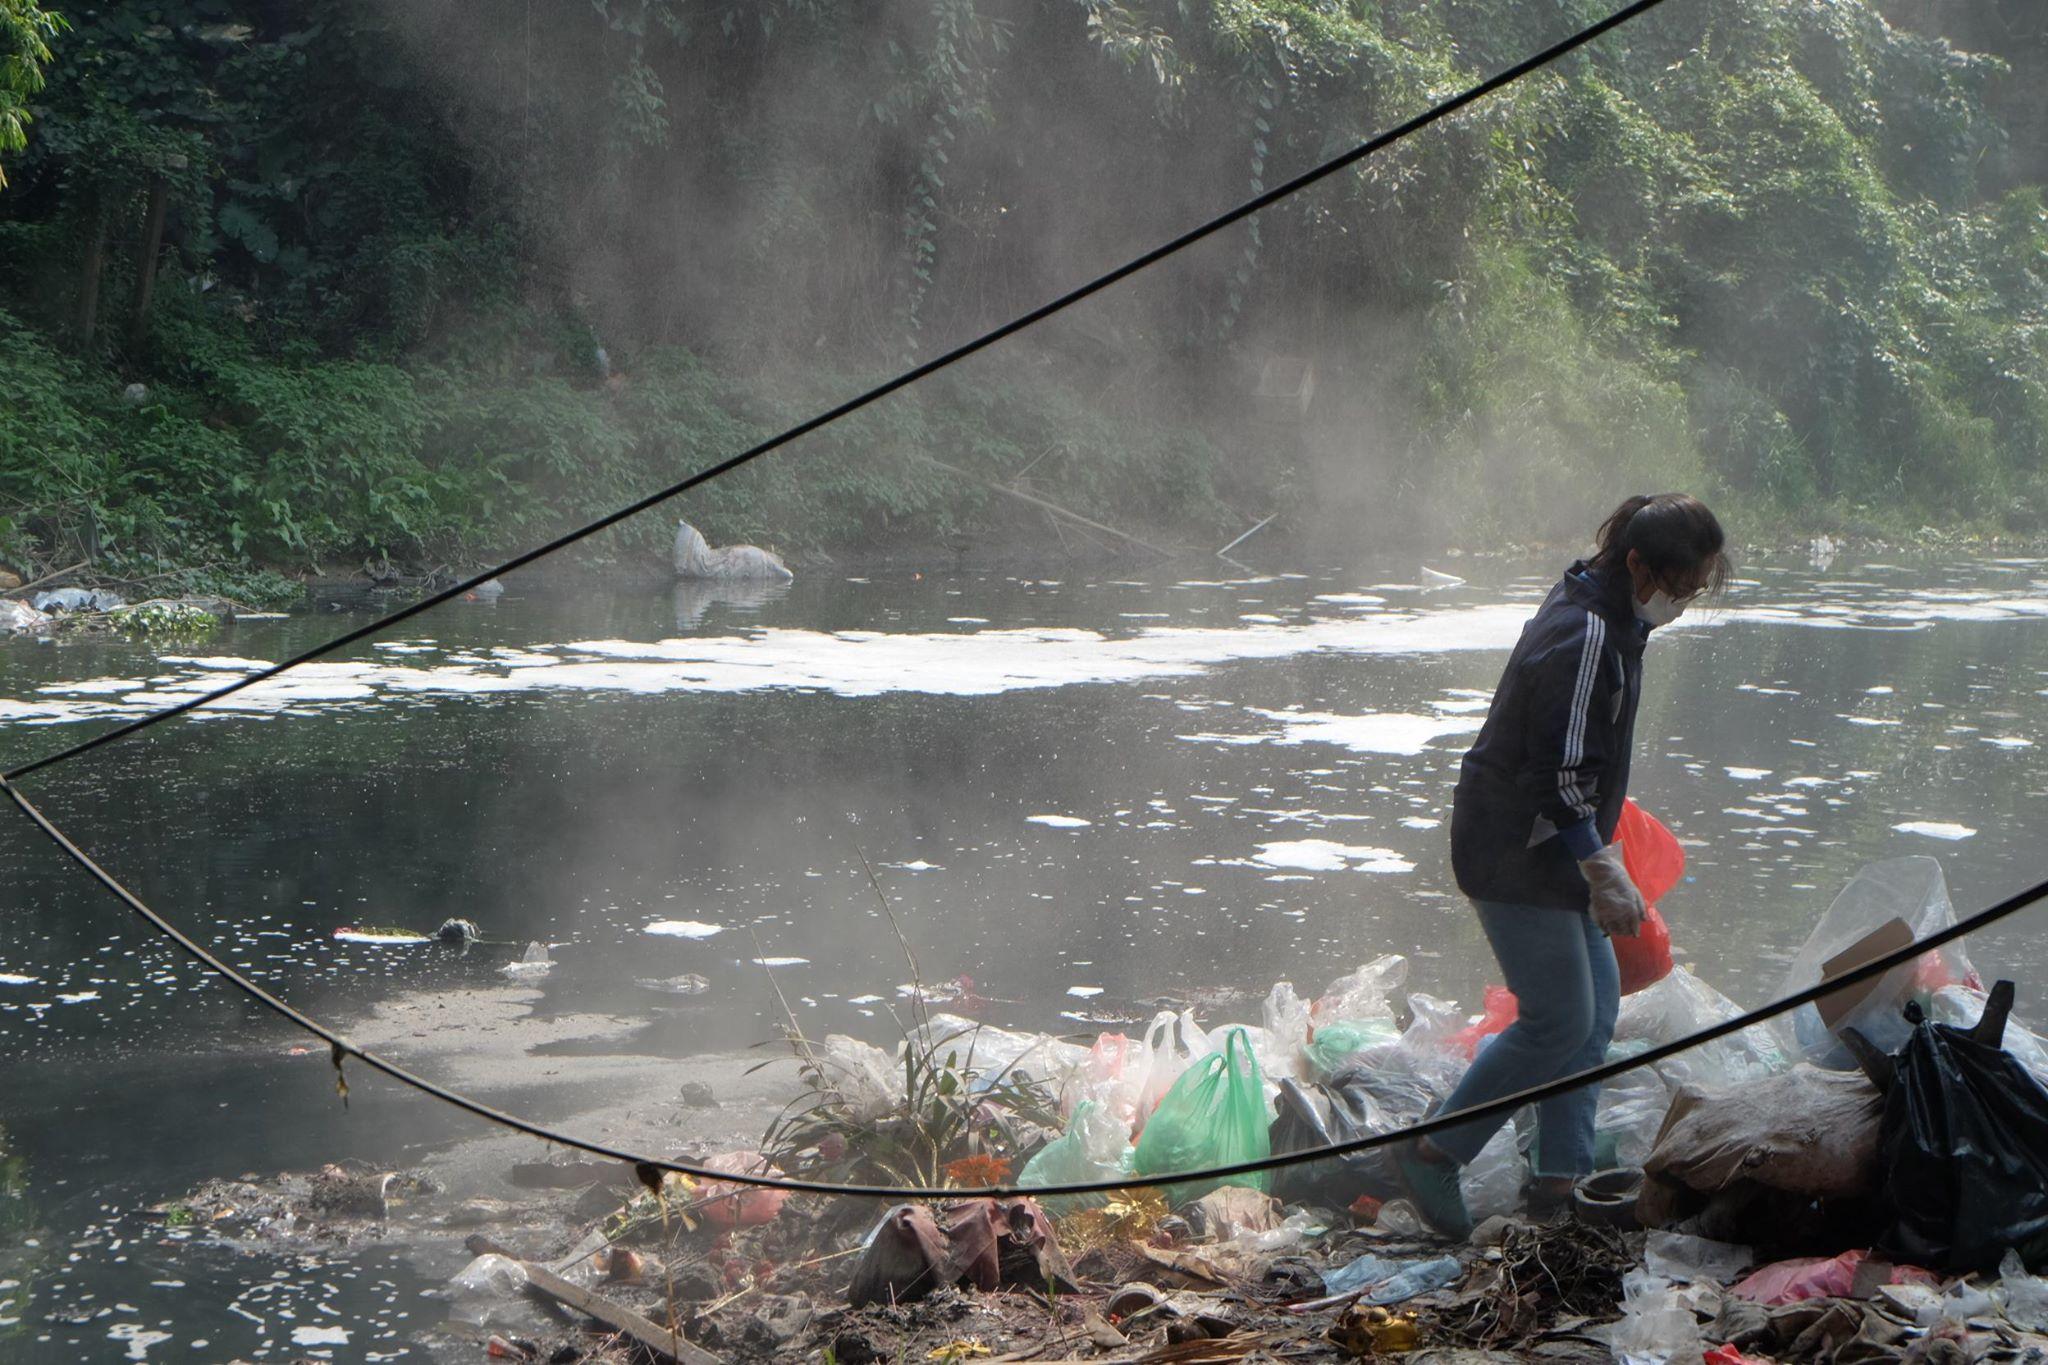 Hà Nội: Cá chép nhanh chóng 'chầu trời' sau khi bị thả xuống dòng nước ô nhiễm kinh hoàng - Ảnh 7